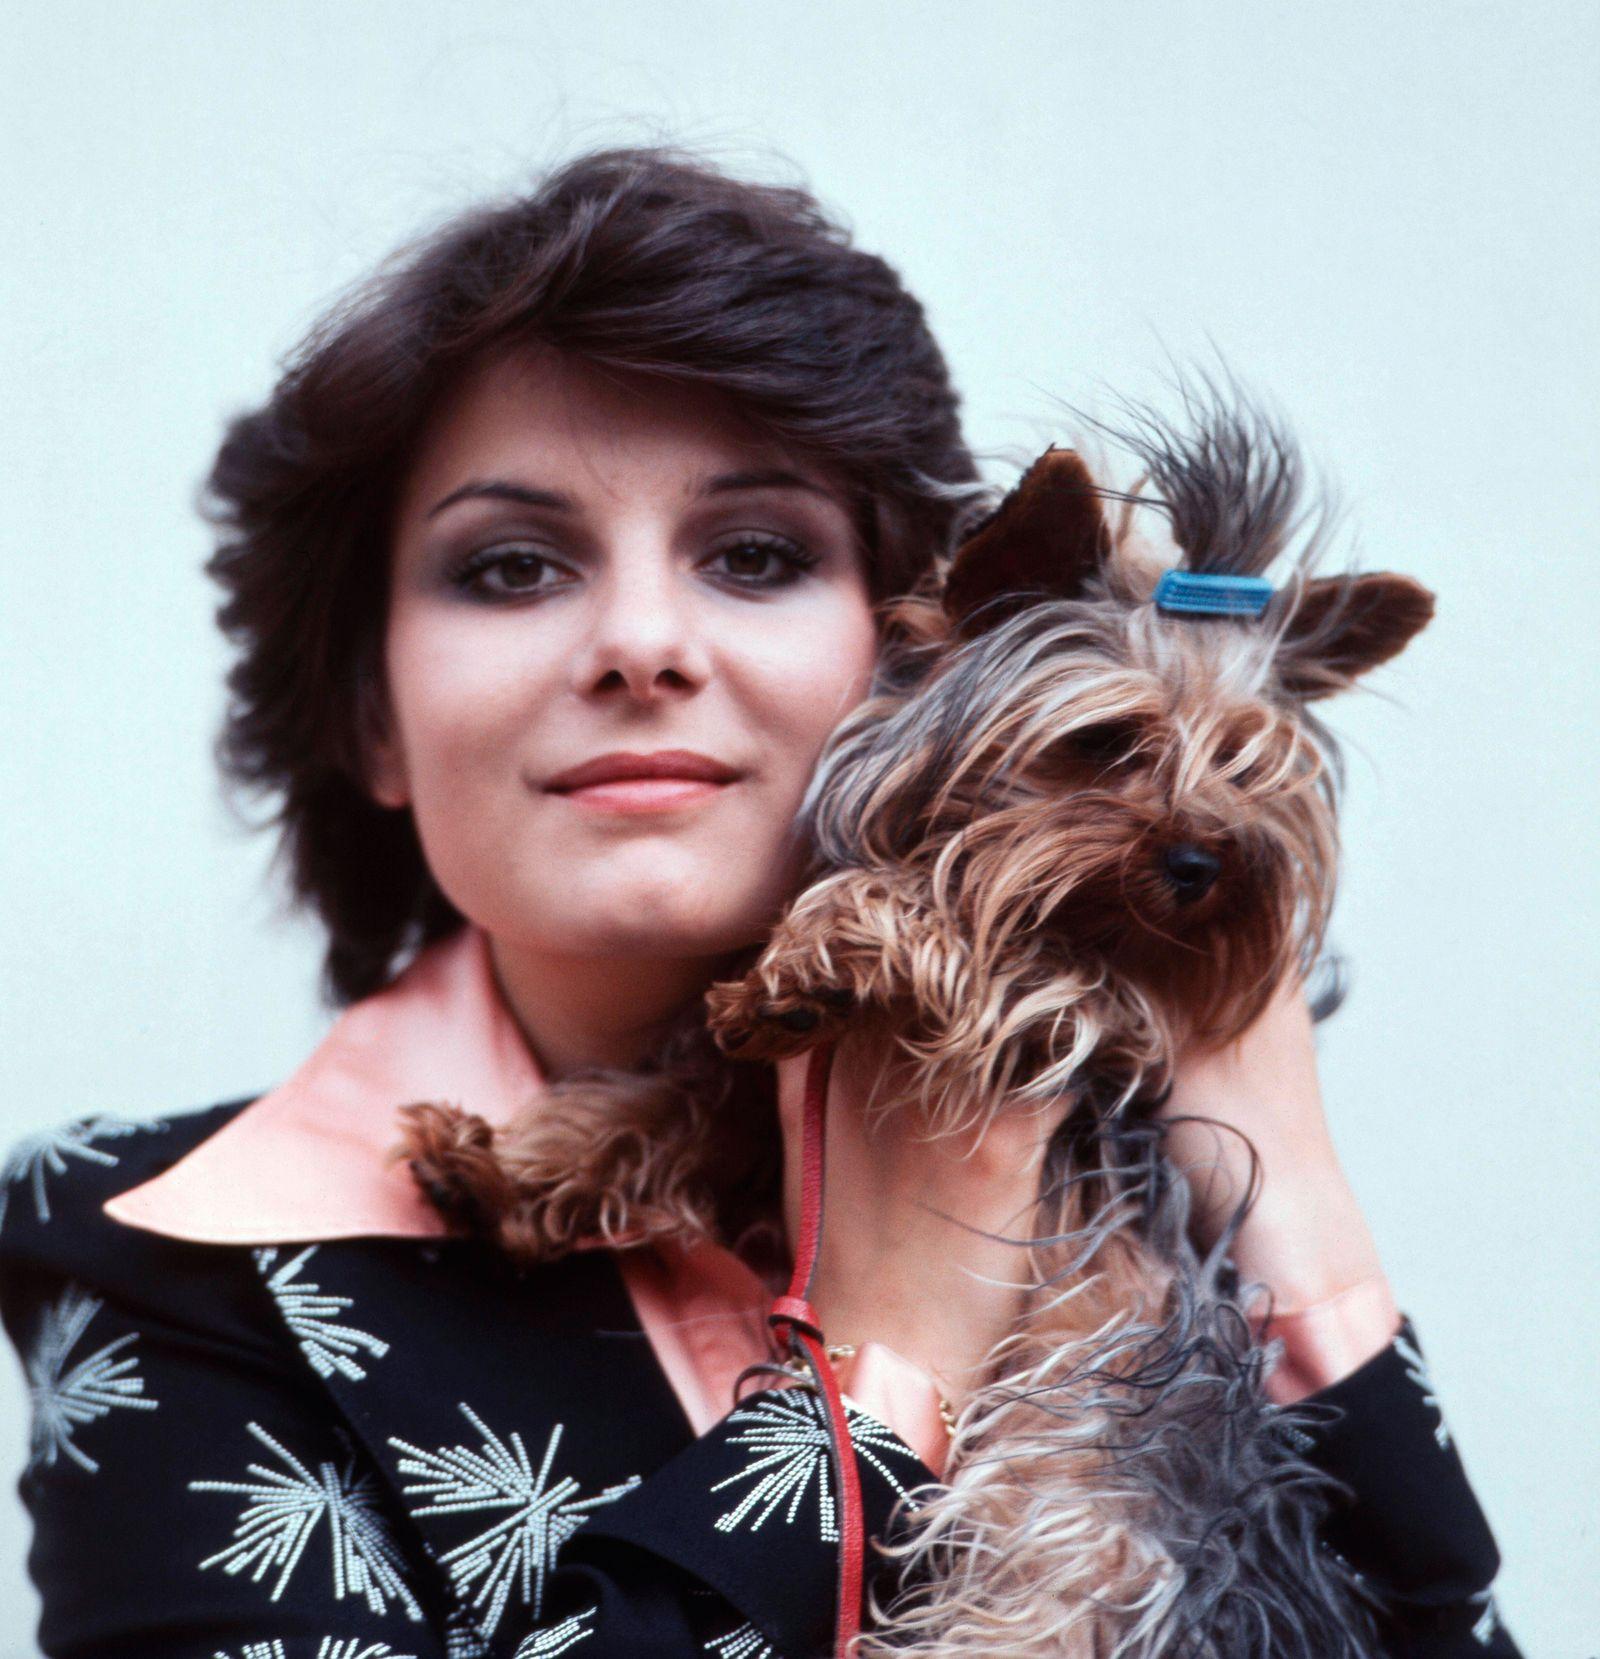 Marianne Rosenberg Die deutsche Pop und Schlager Sängerin und Songwriterin Marianne Rosenberg wird